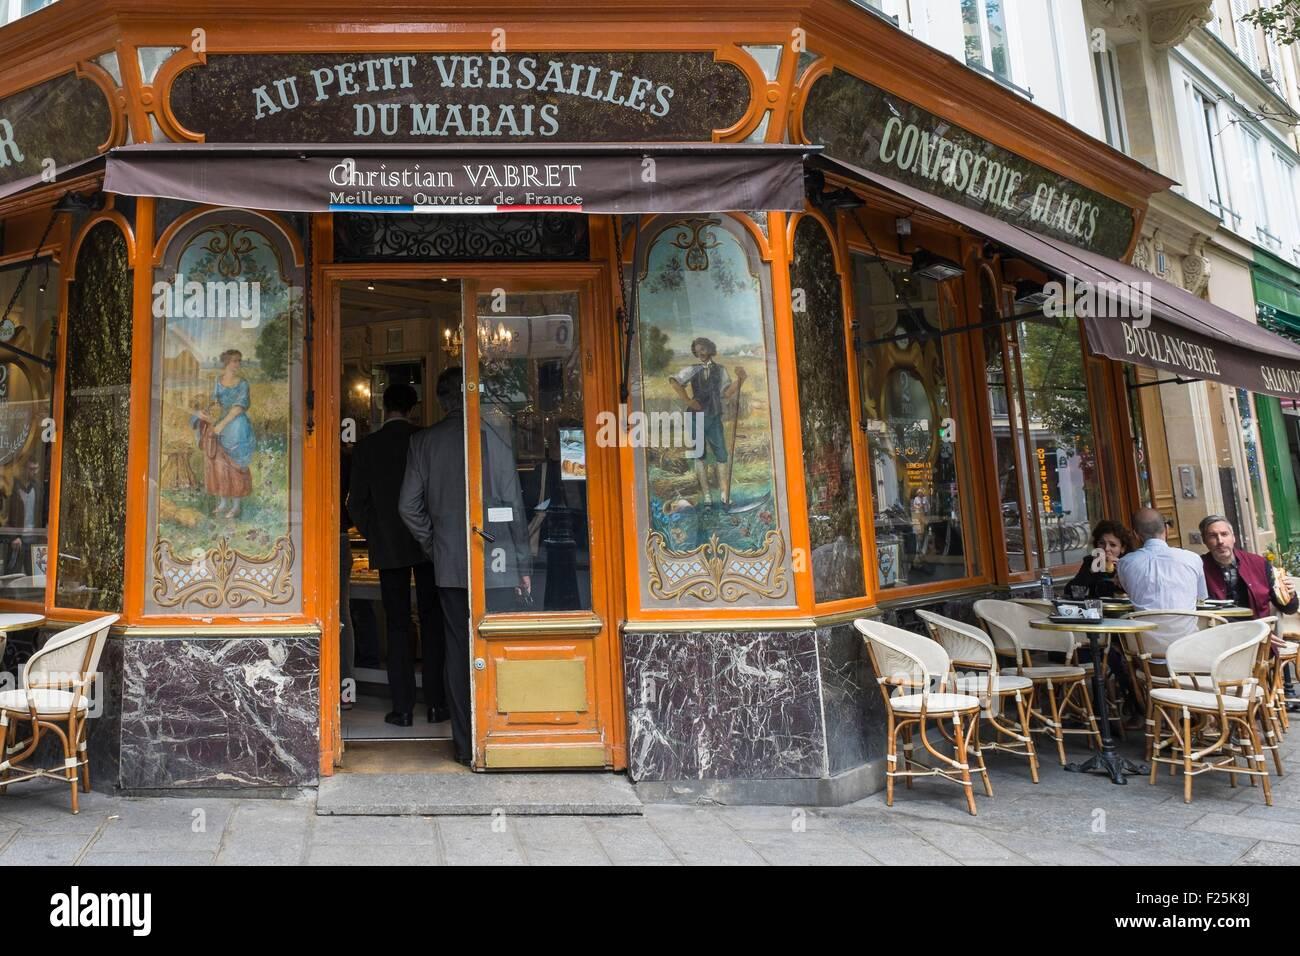 France, Paris, Marais district, bakery Au Petit Versailles, rue Franτois Miron - Stock Image